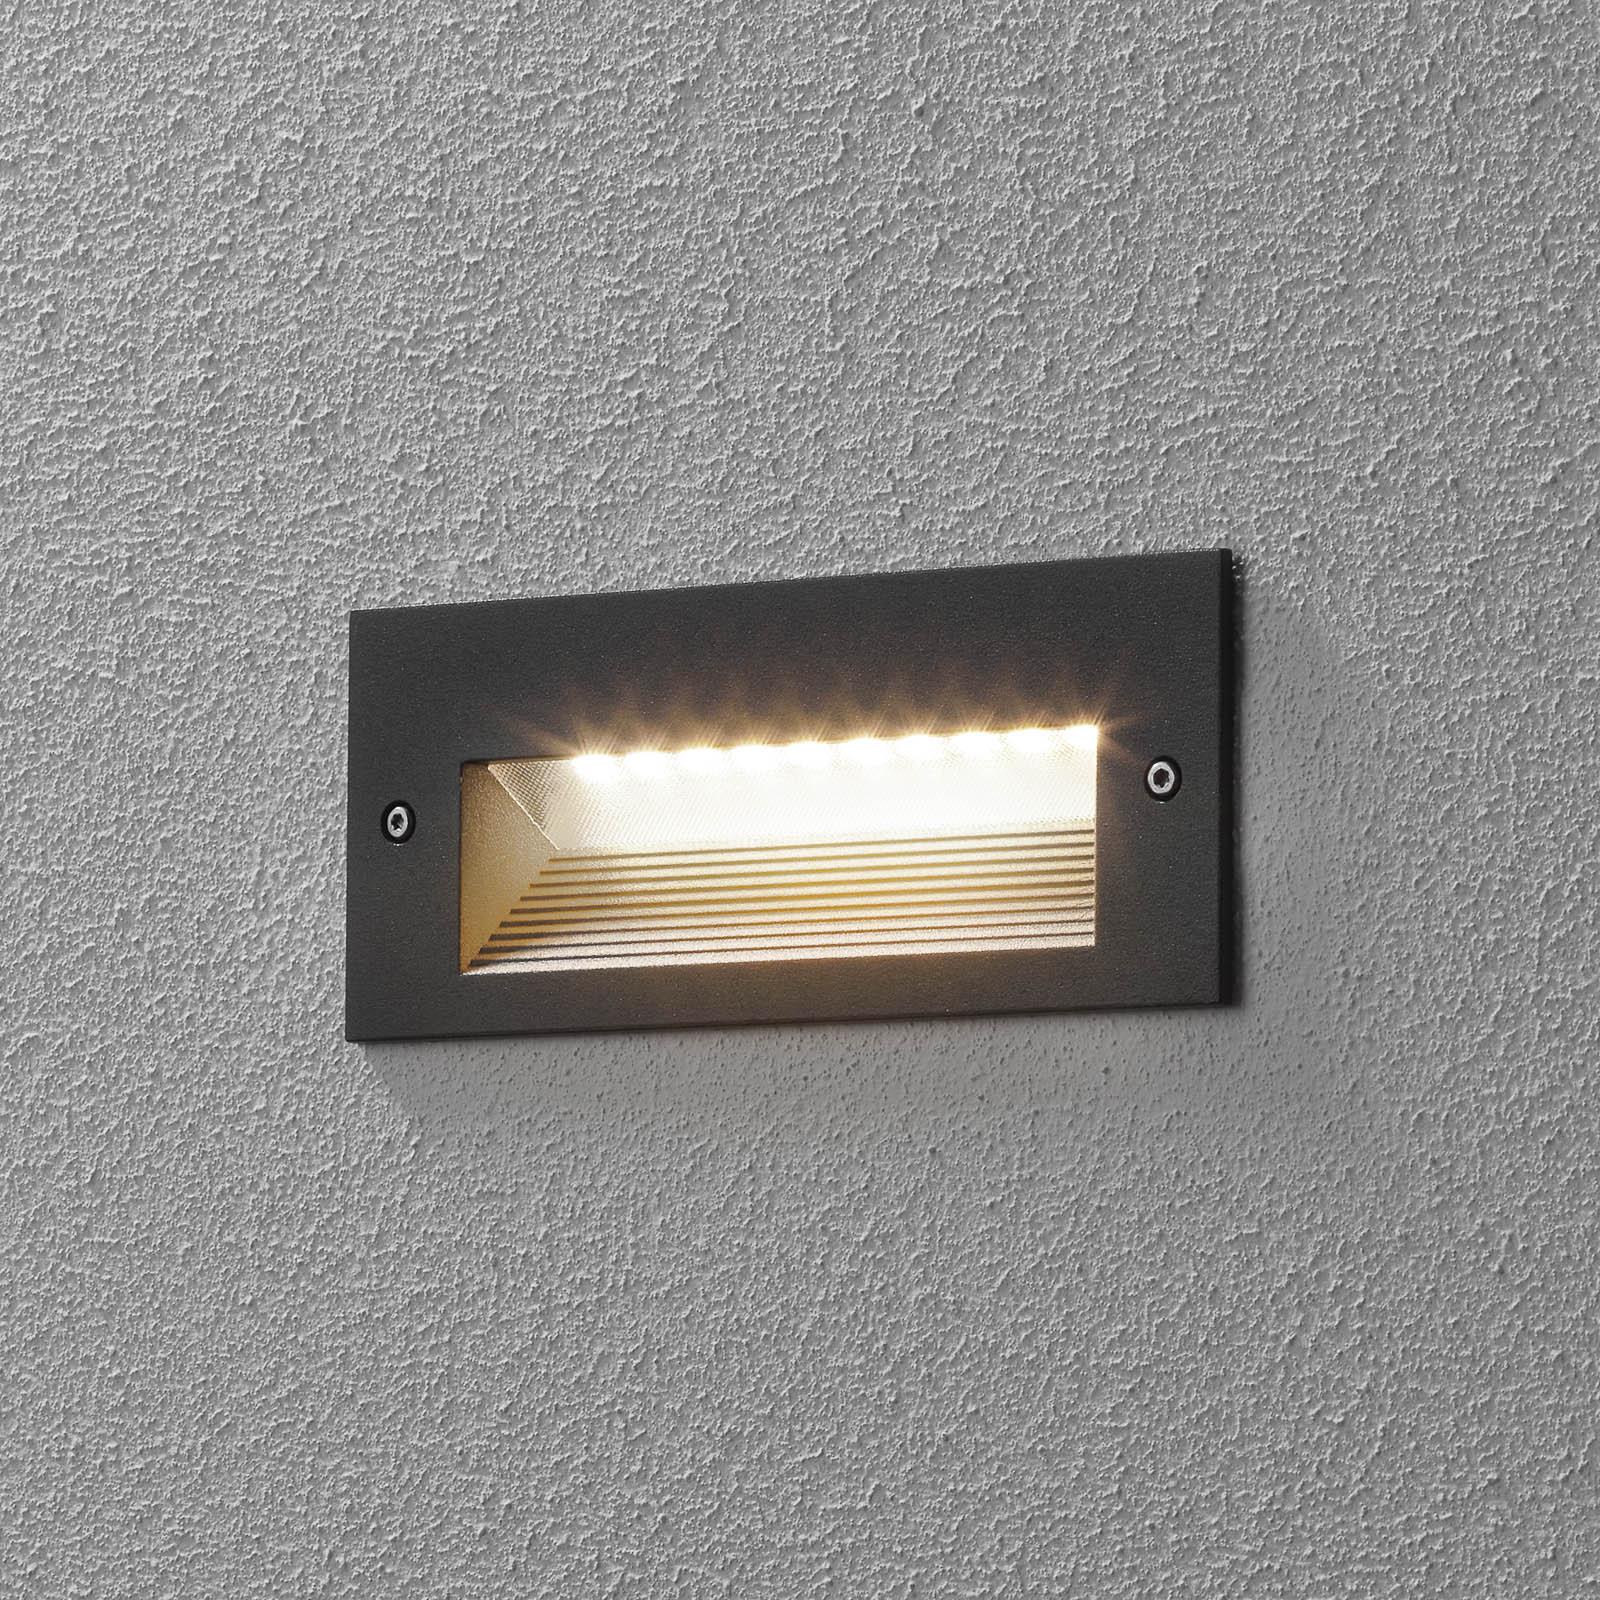 BEGA 33053 LED-veggmontering 3000K grafitt 17 cm